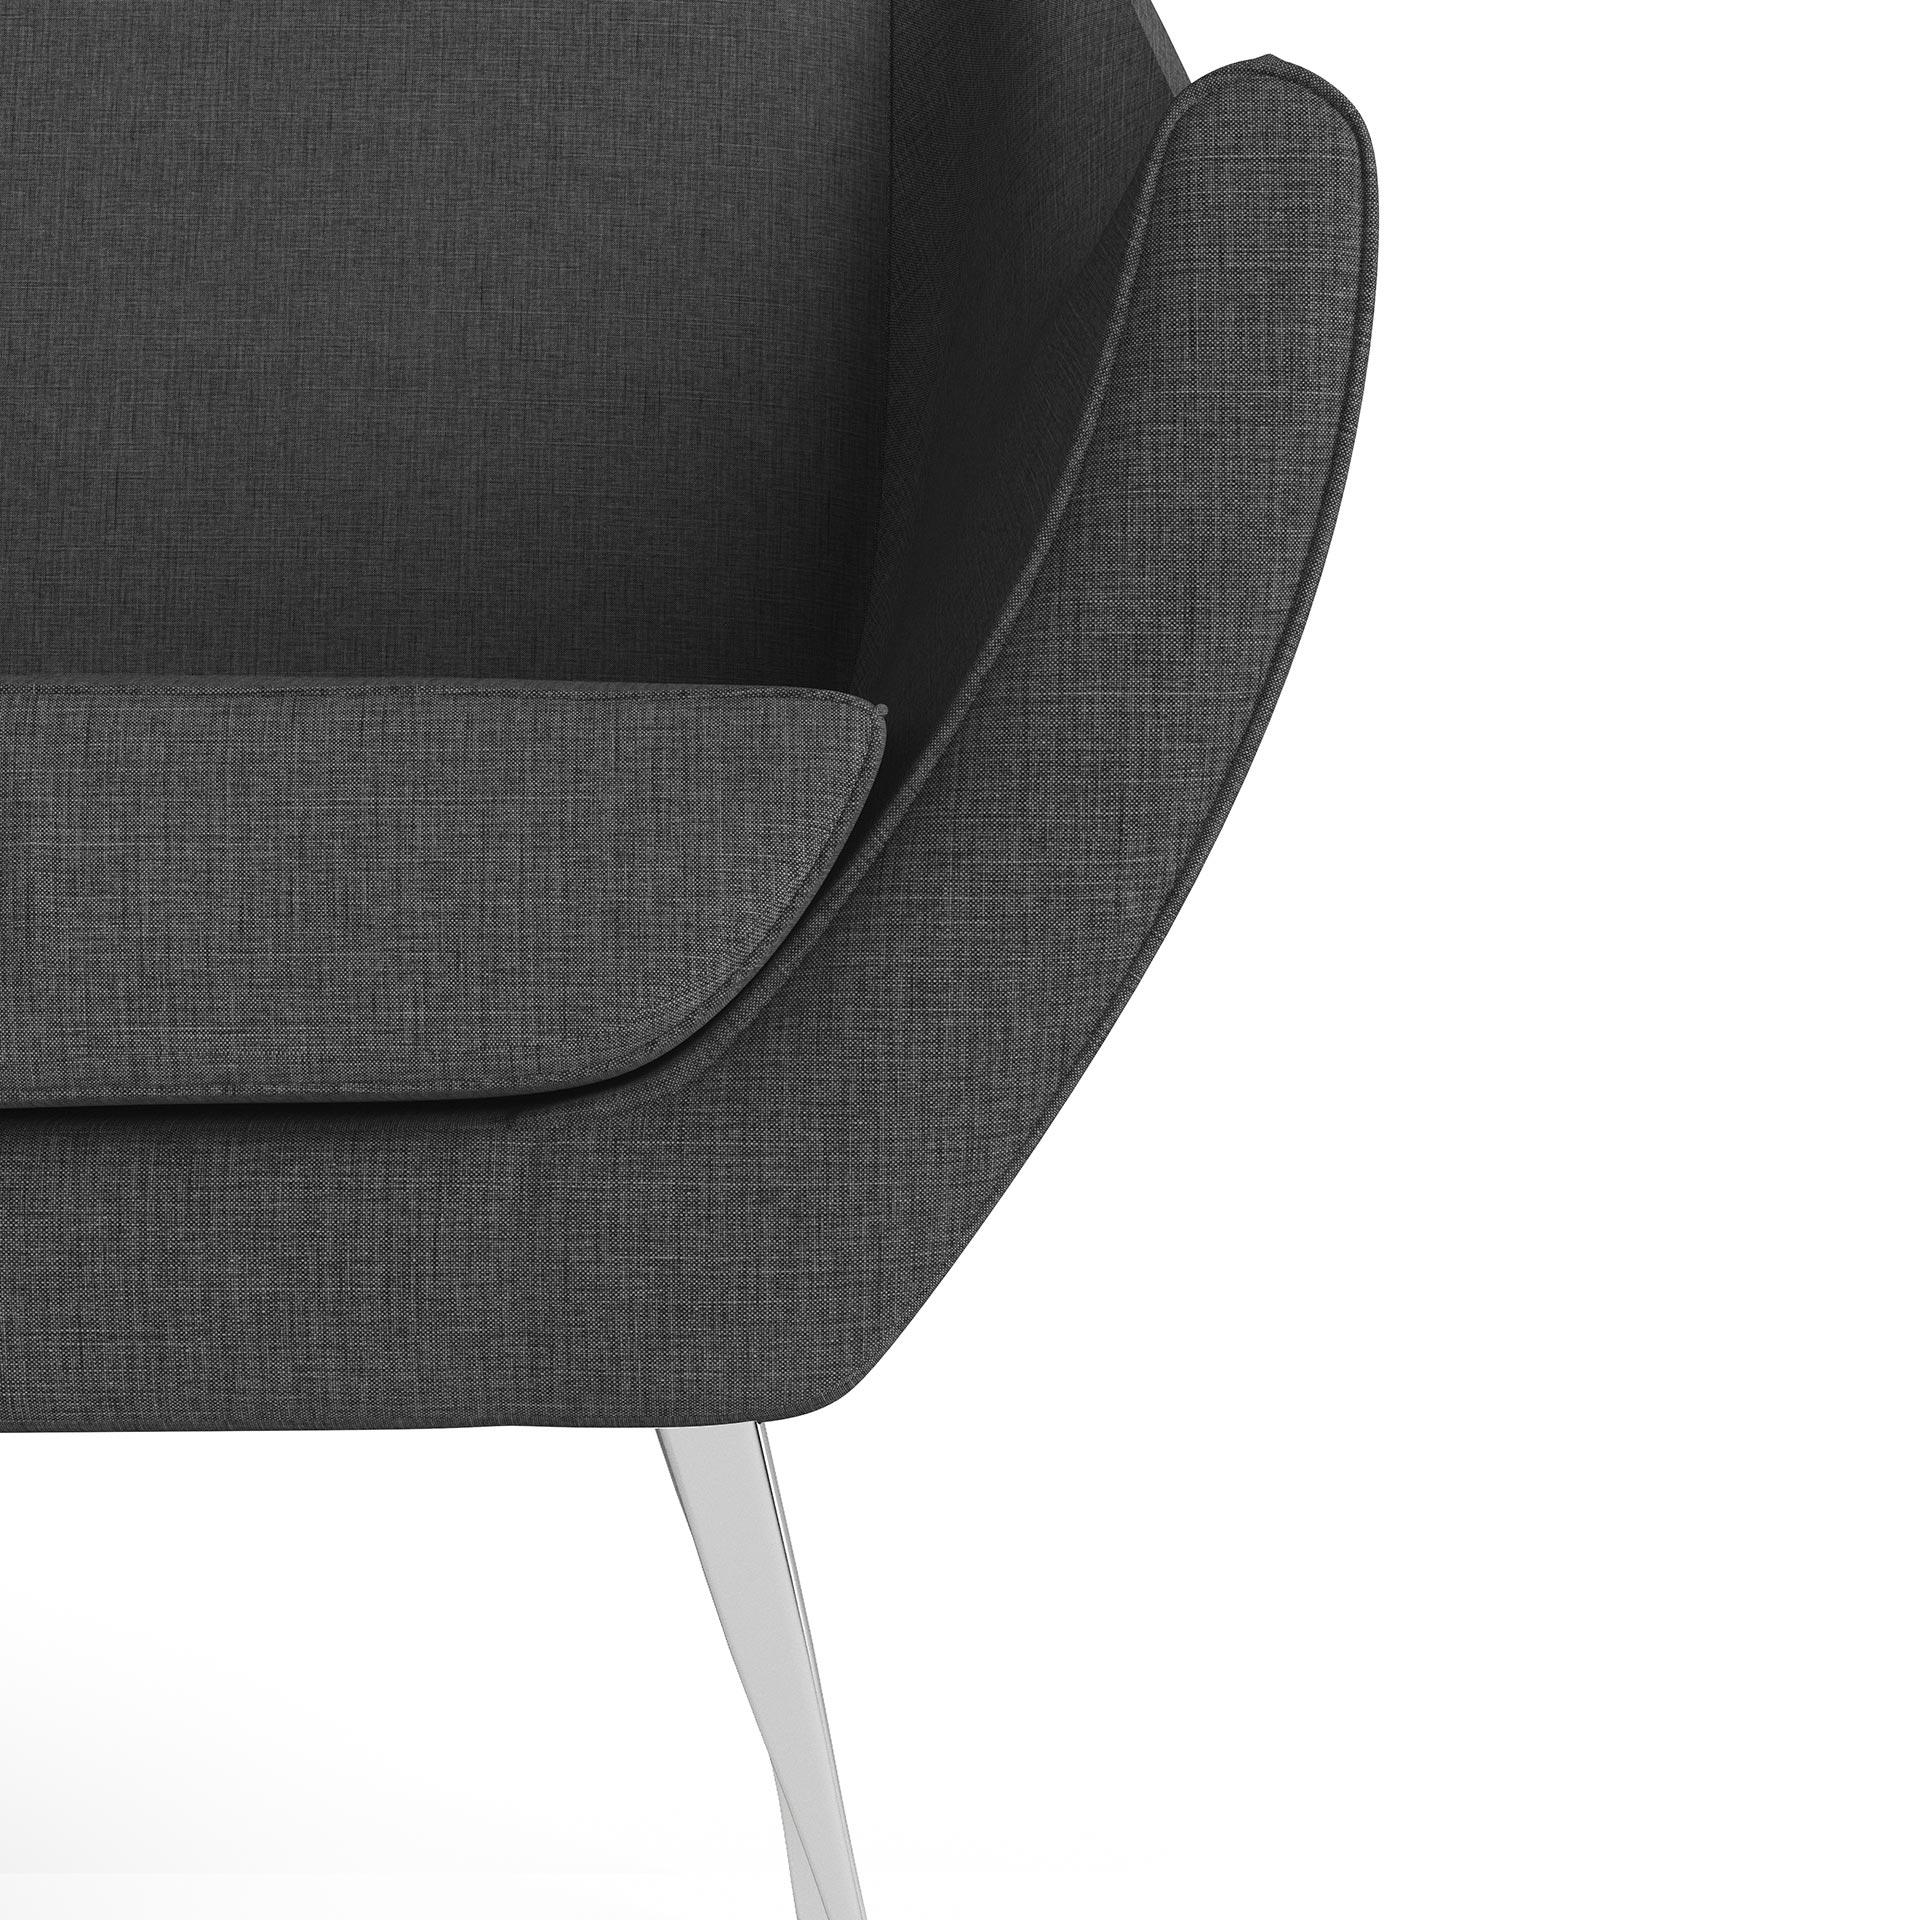 Rita Furniture Close Up Rendering Dark Grey